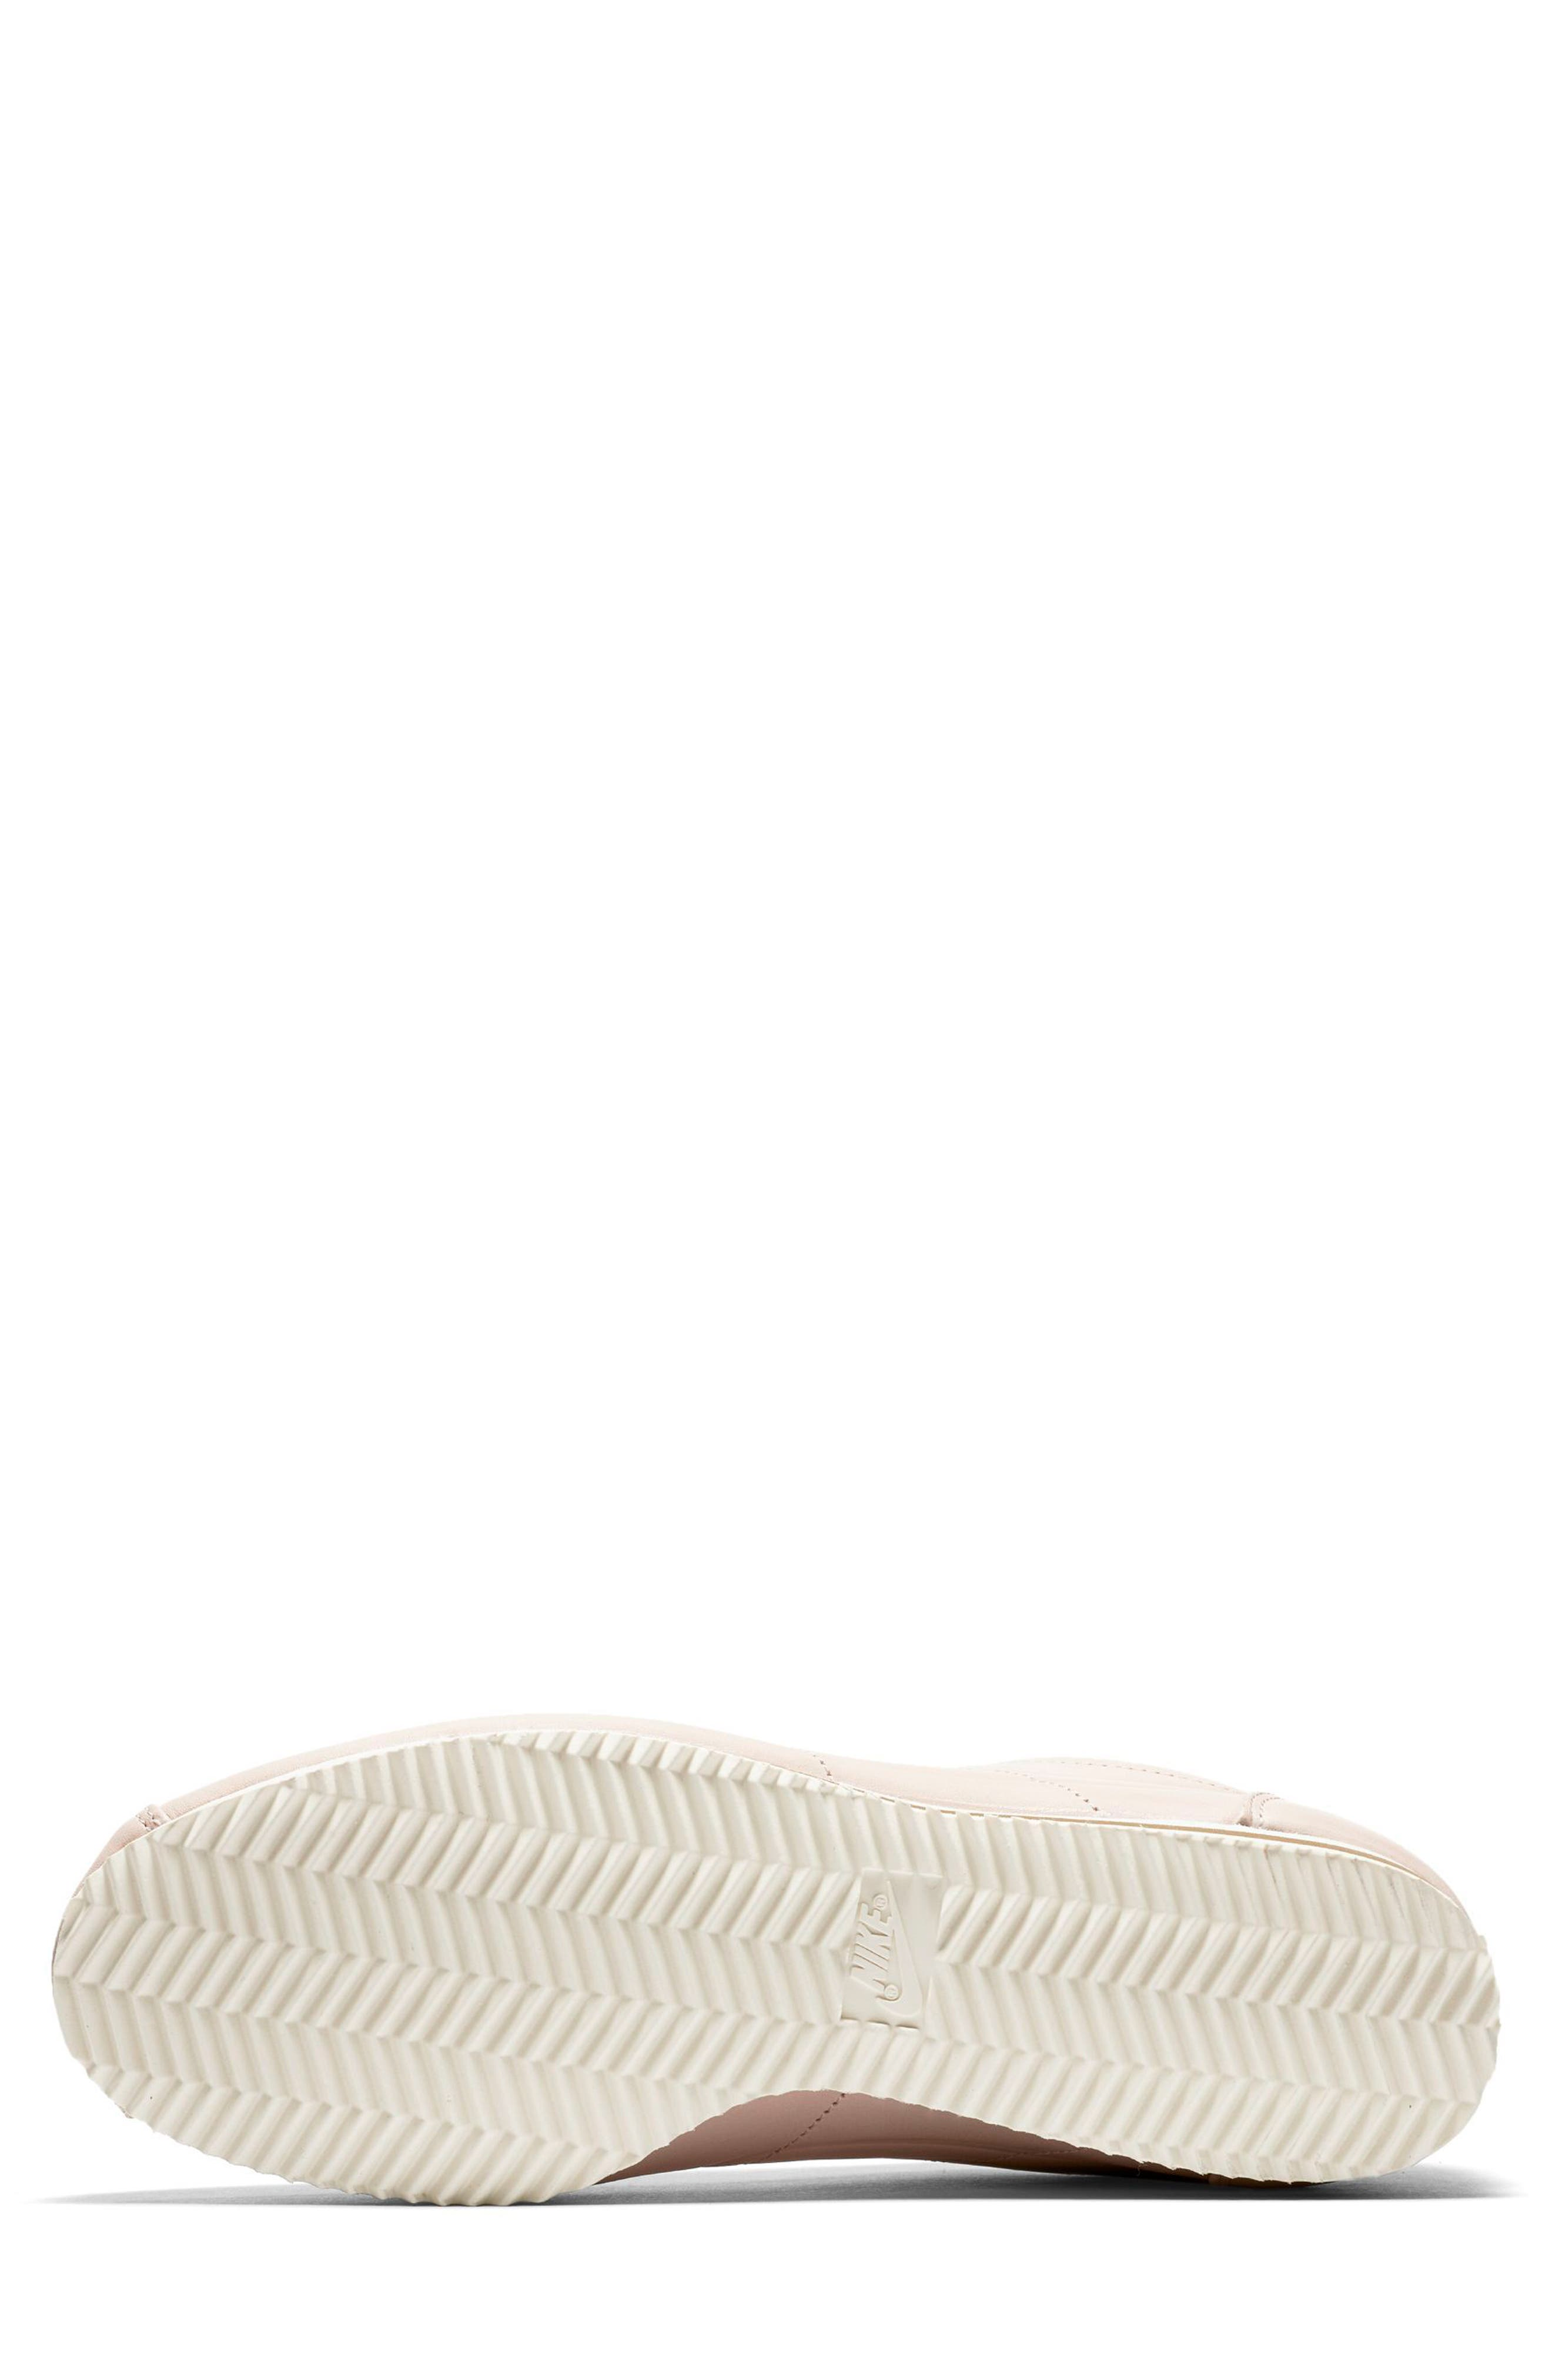 x Maria Sharapova LA Cortez Premium Sneaker,                             Alternate thumbnail 5, color,                             Particle Beige/Particle Beige